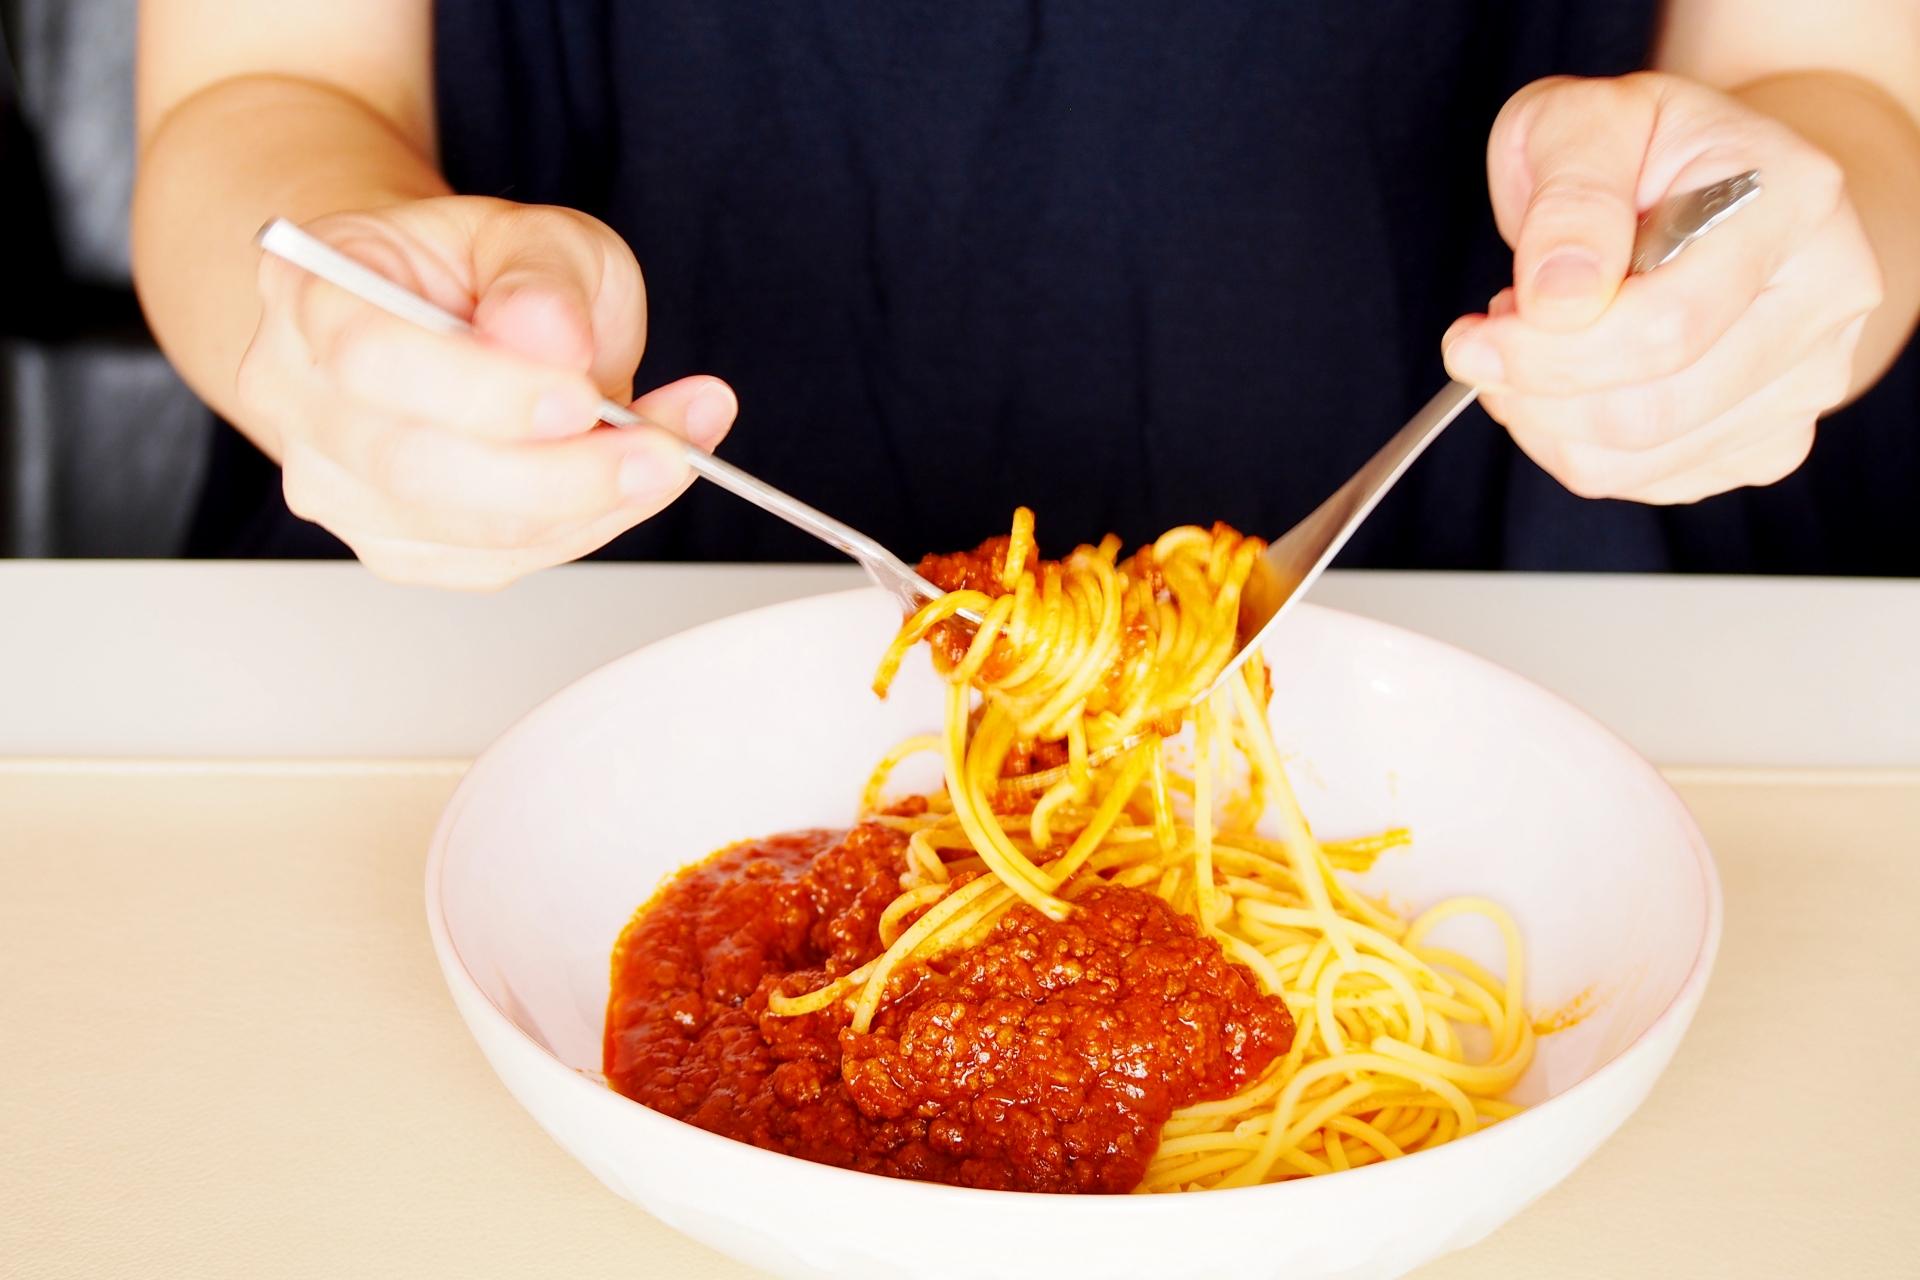 「パスタの食べ方」正しいマナーはこれ!本場ではスプーンを使わない?